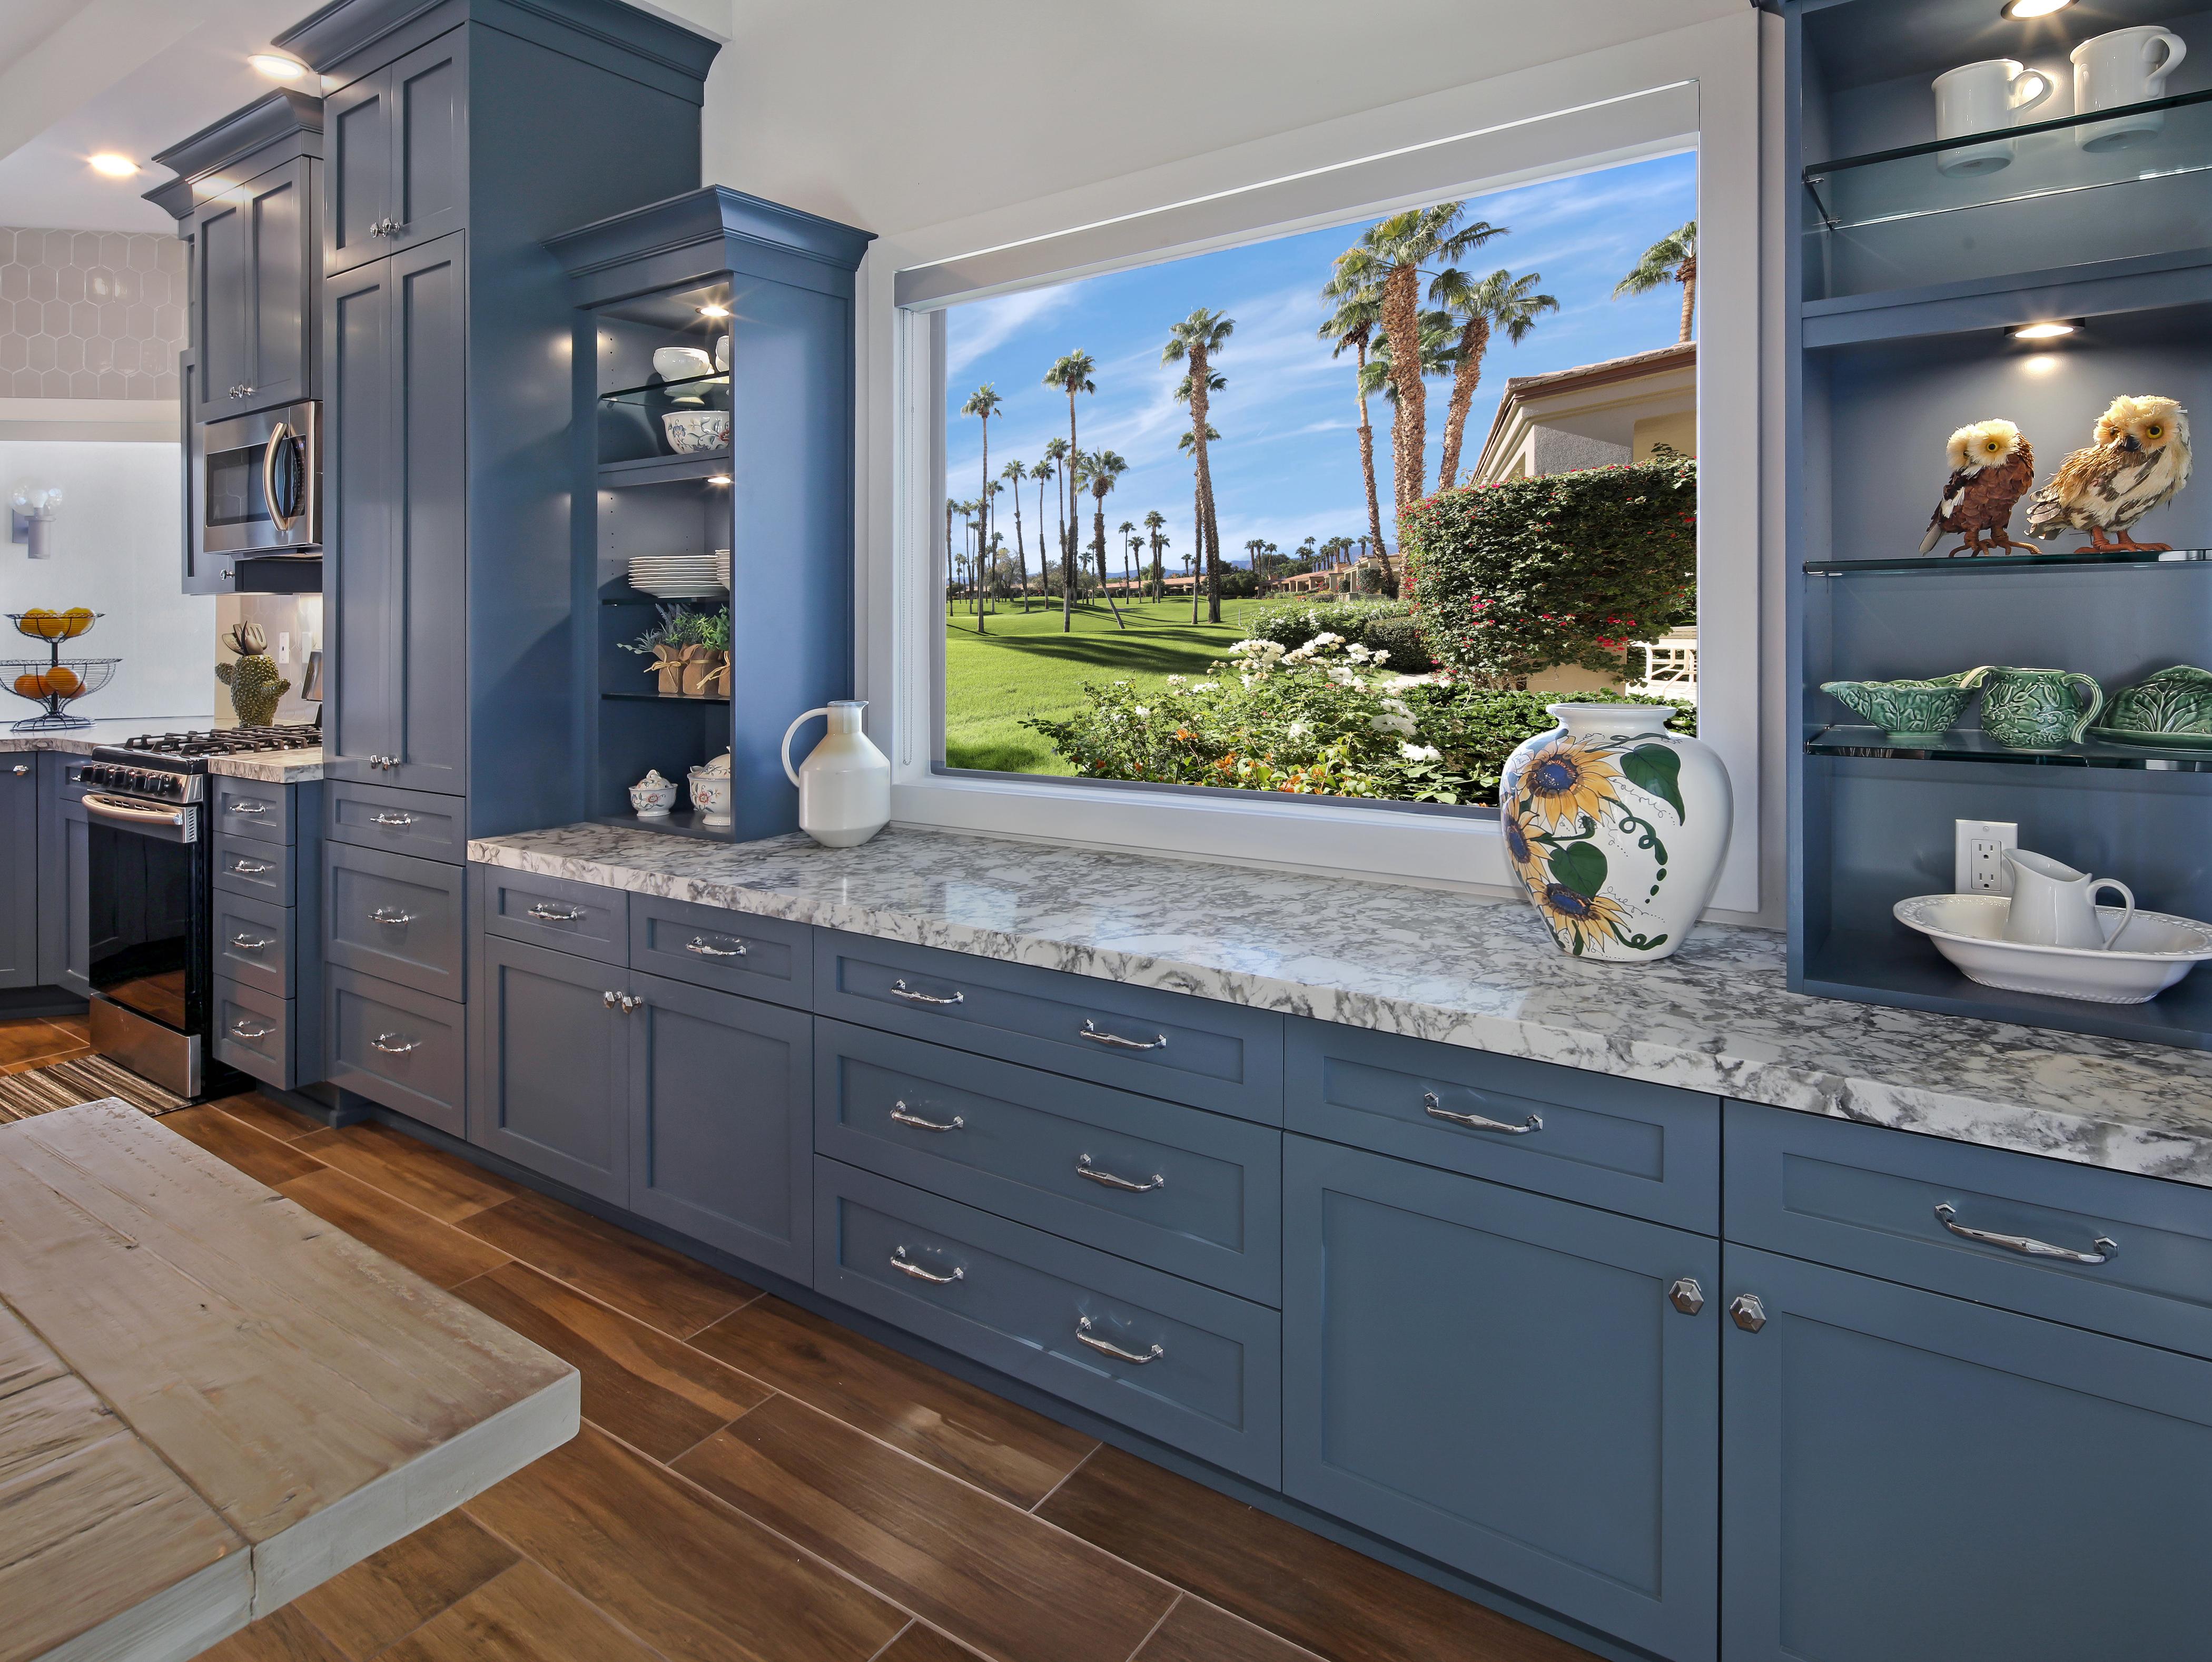 Обои кухни Интерьер окна Дизайн 4200x3155 Кухня Окно дизайна